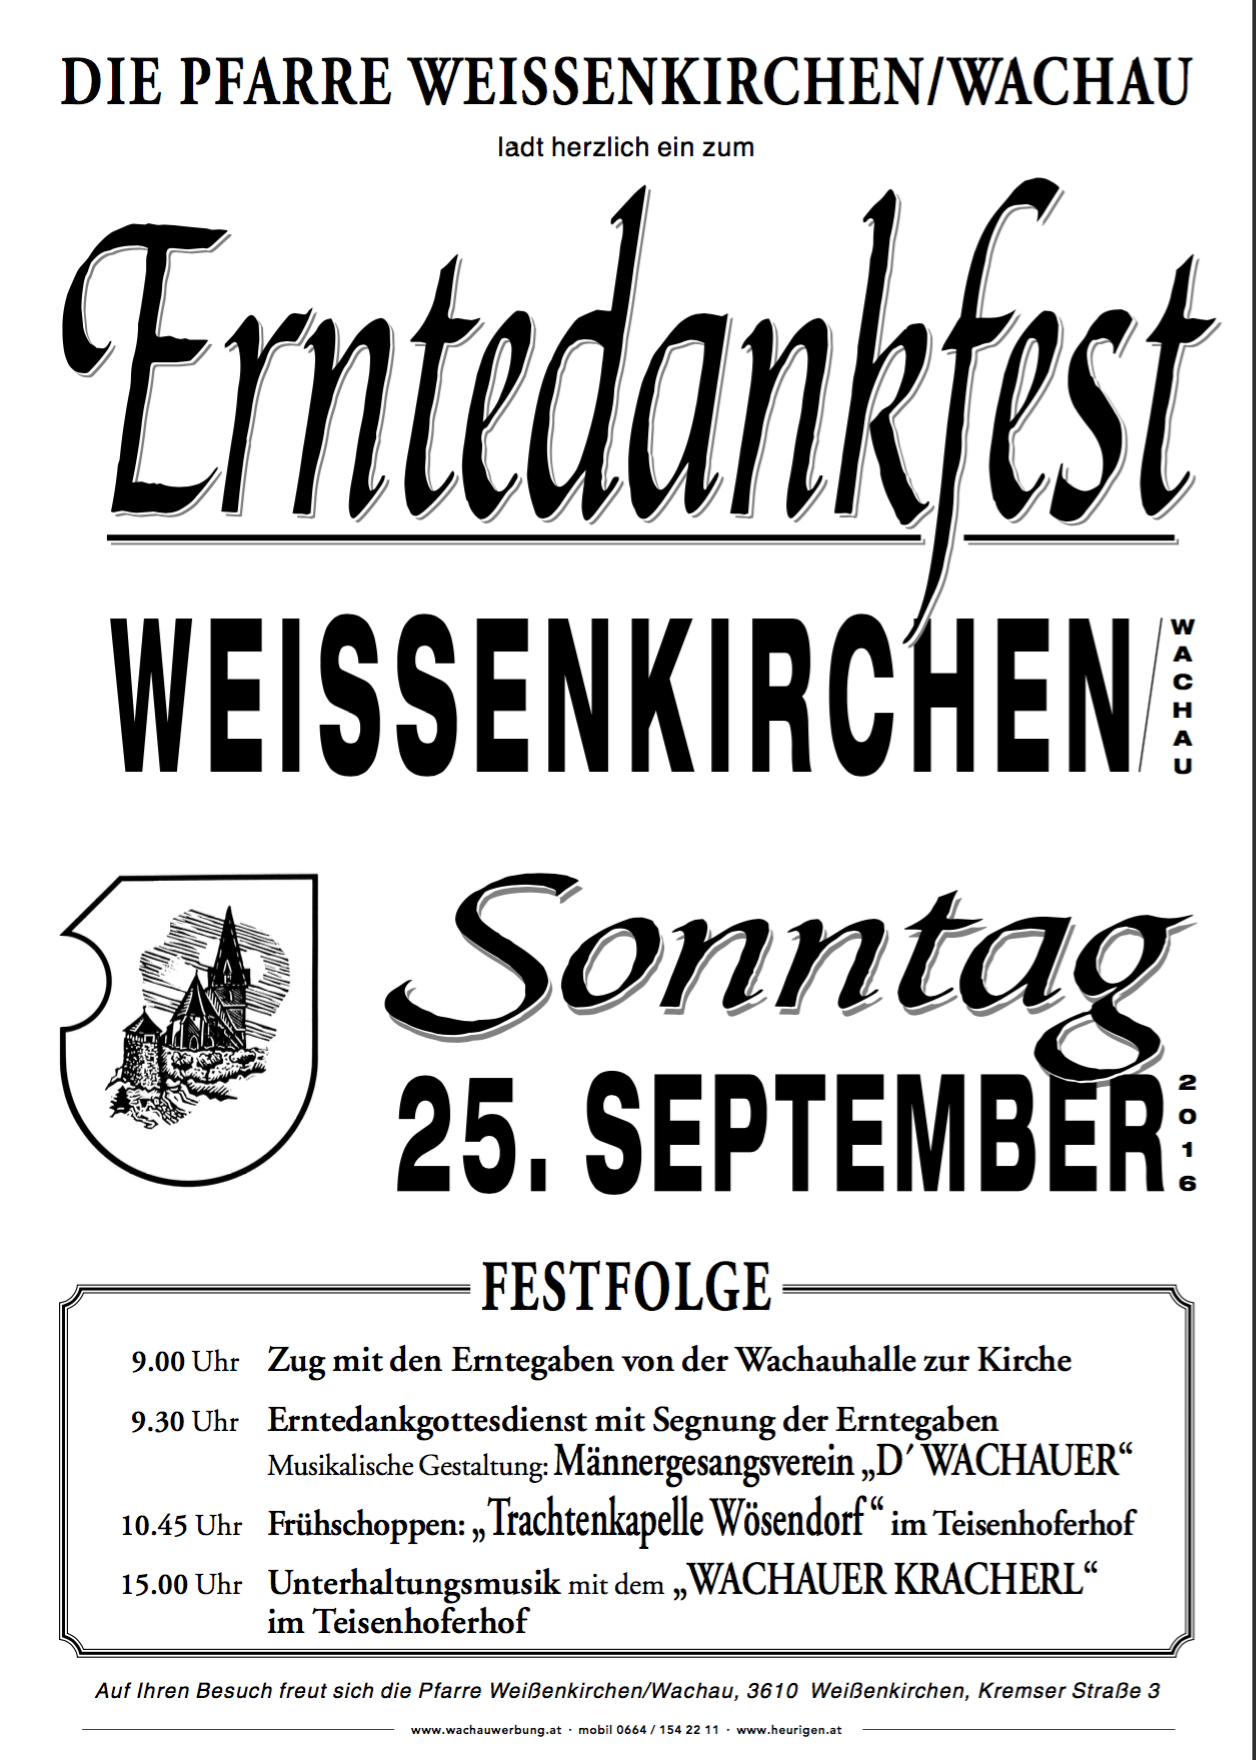 Das offizielle Plakat zum Erntedankfest Weissenkirchen 2016